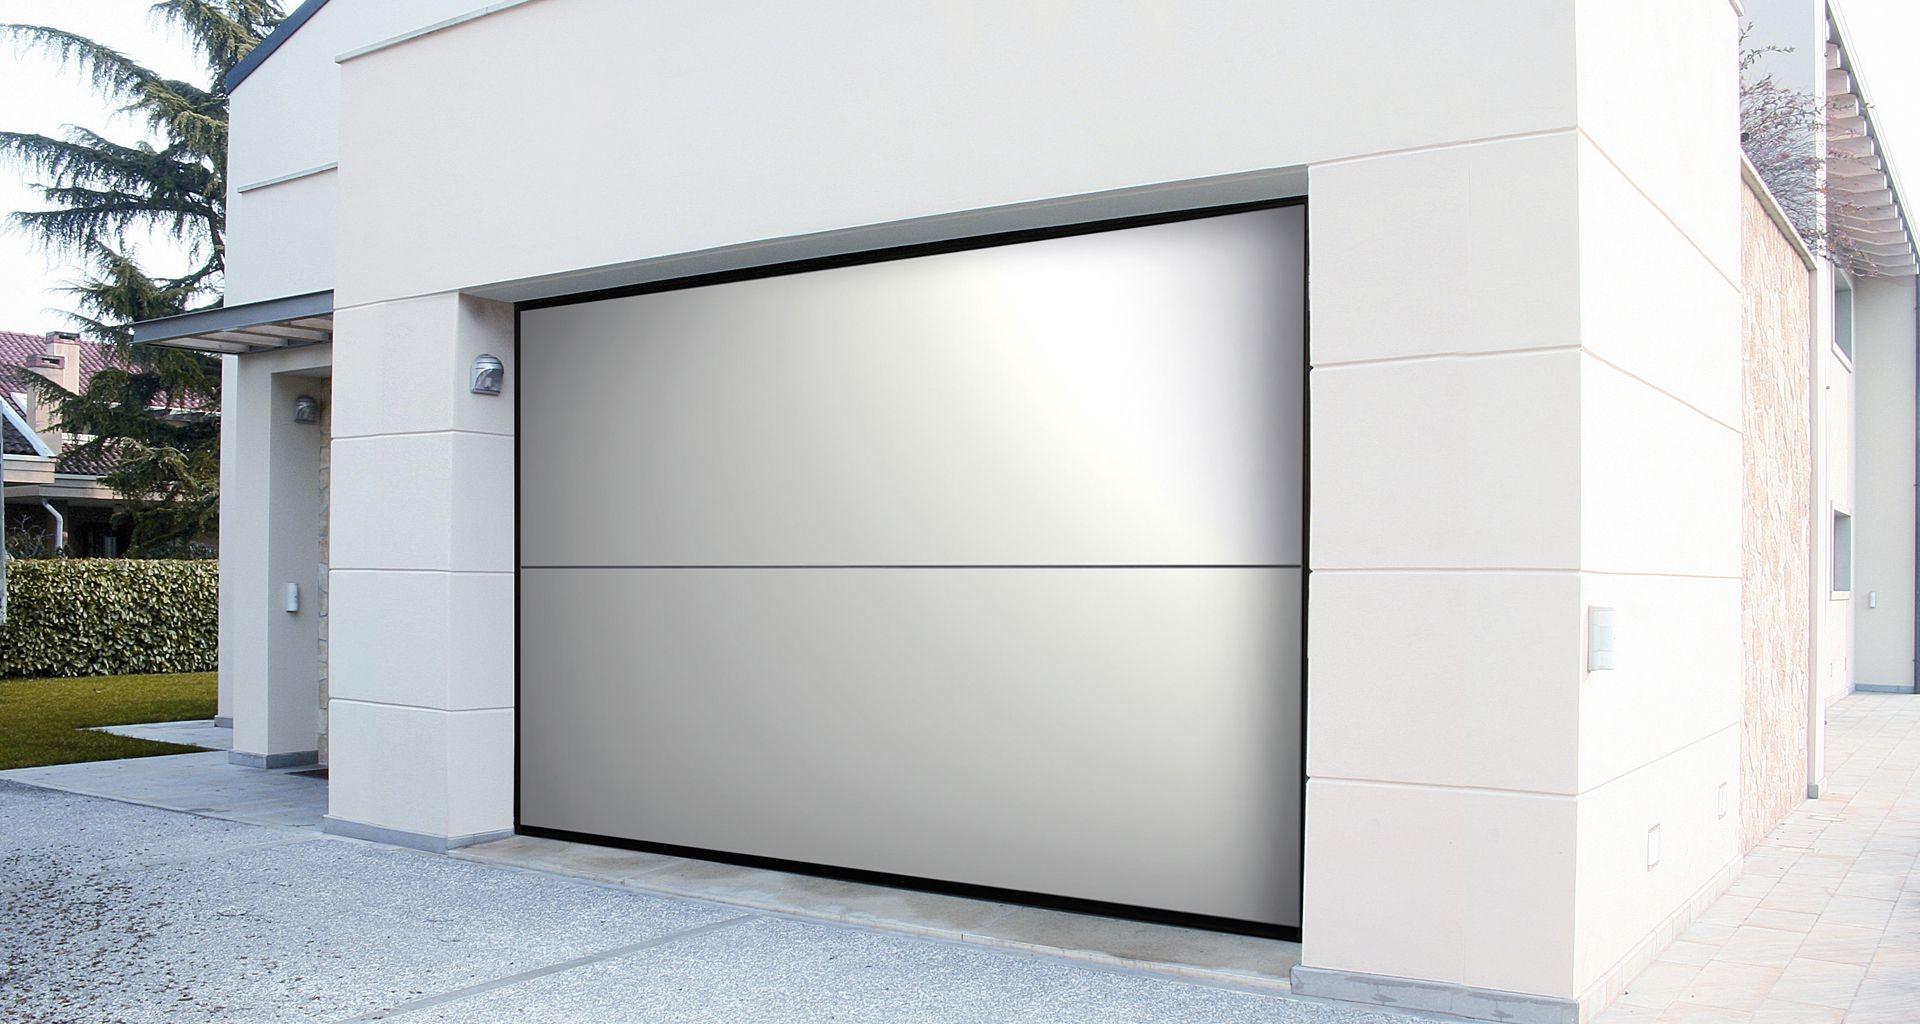 The Garage Door >> Which Are The Best Modern Designs For Garage Doors Quora